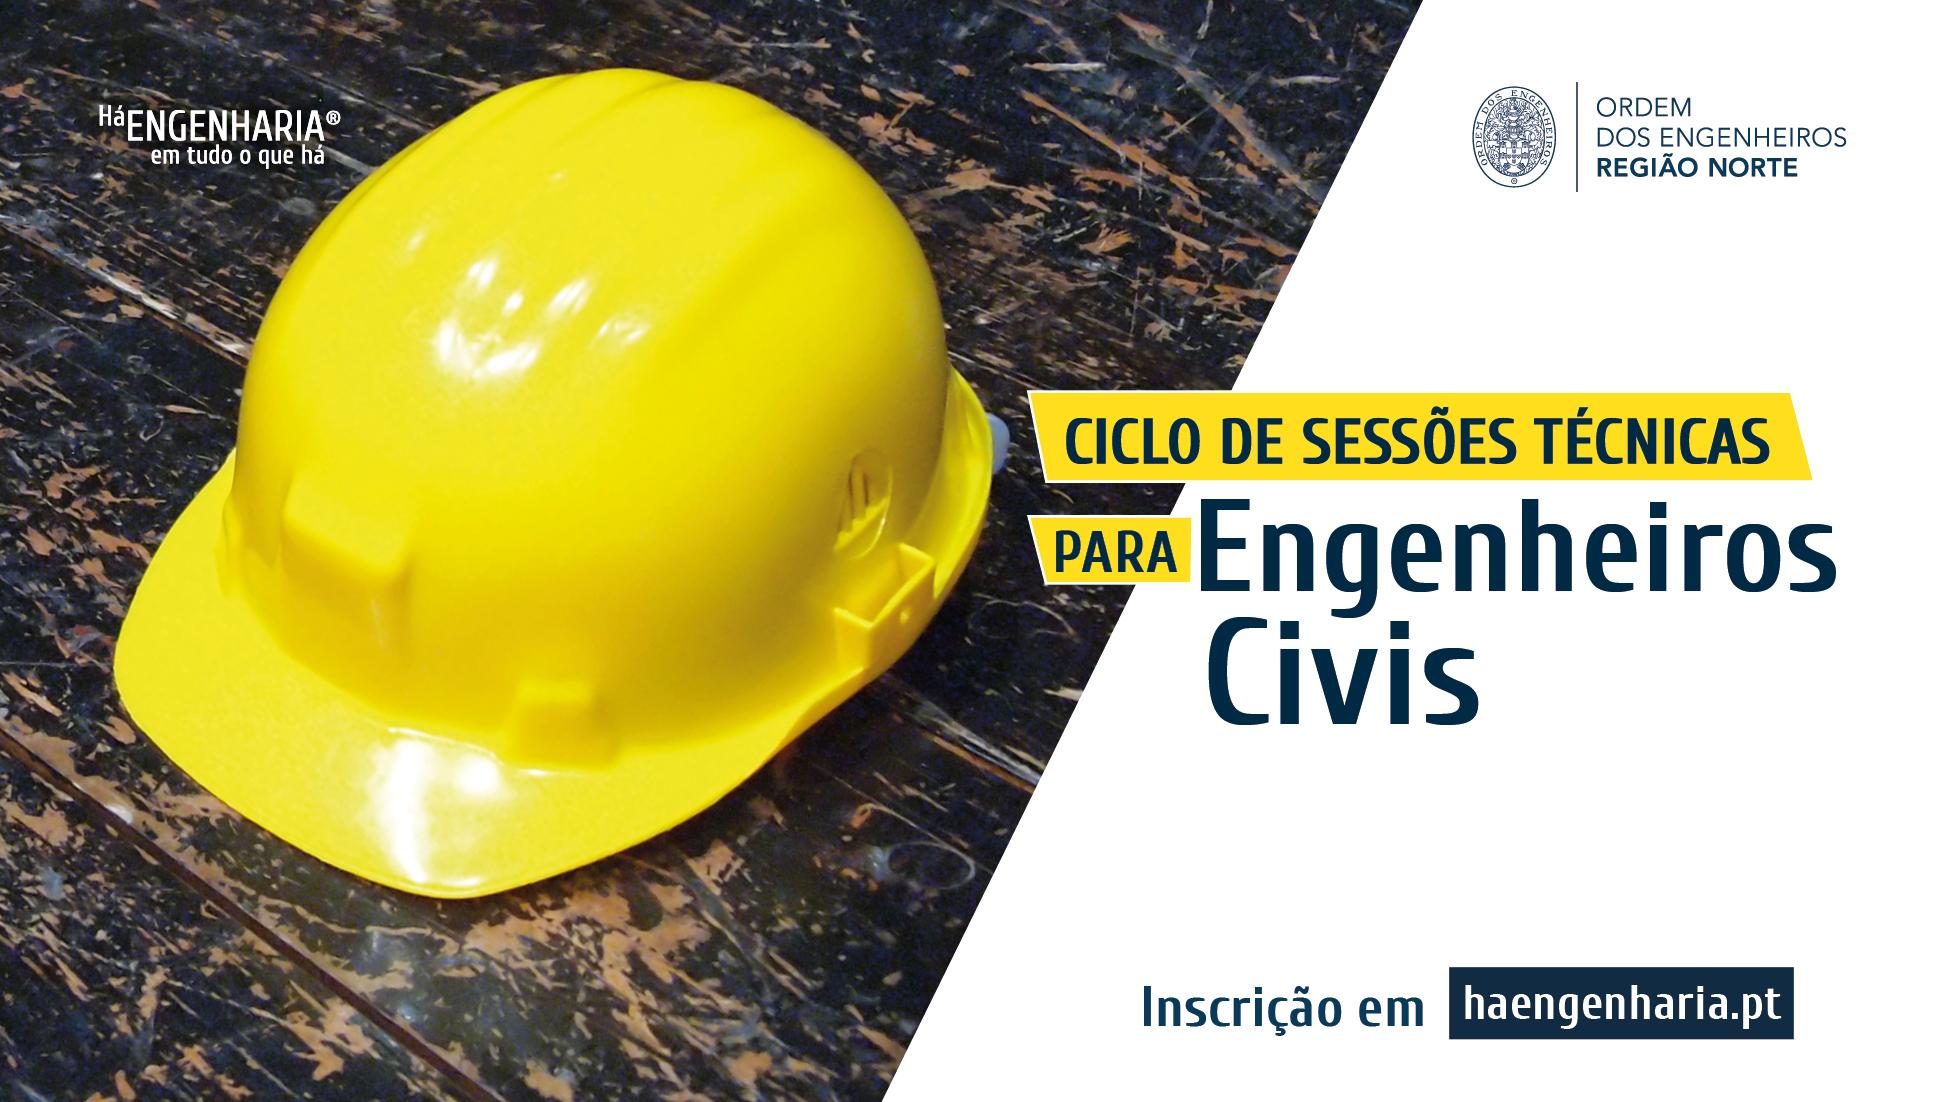 Plataforma Notícias Ordem Engenheiros Região Norte - Sessões técnicas para engenheiros civis